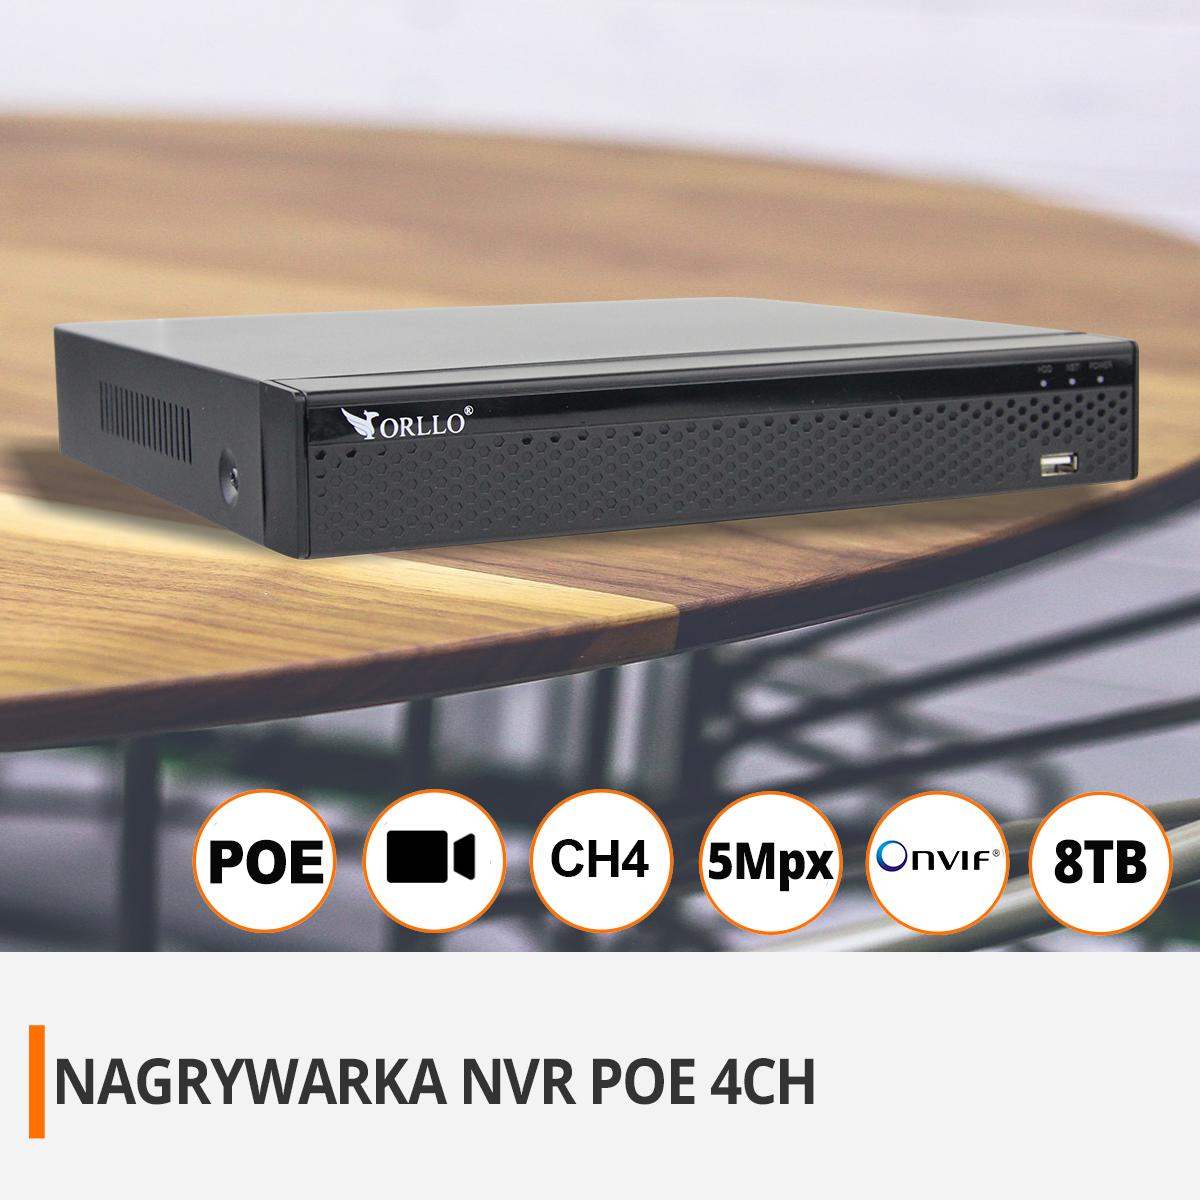 Nagrywarkaorllo 8CH.pllo.pl